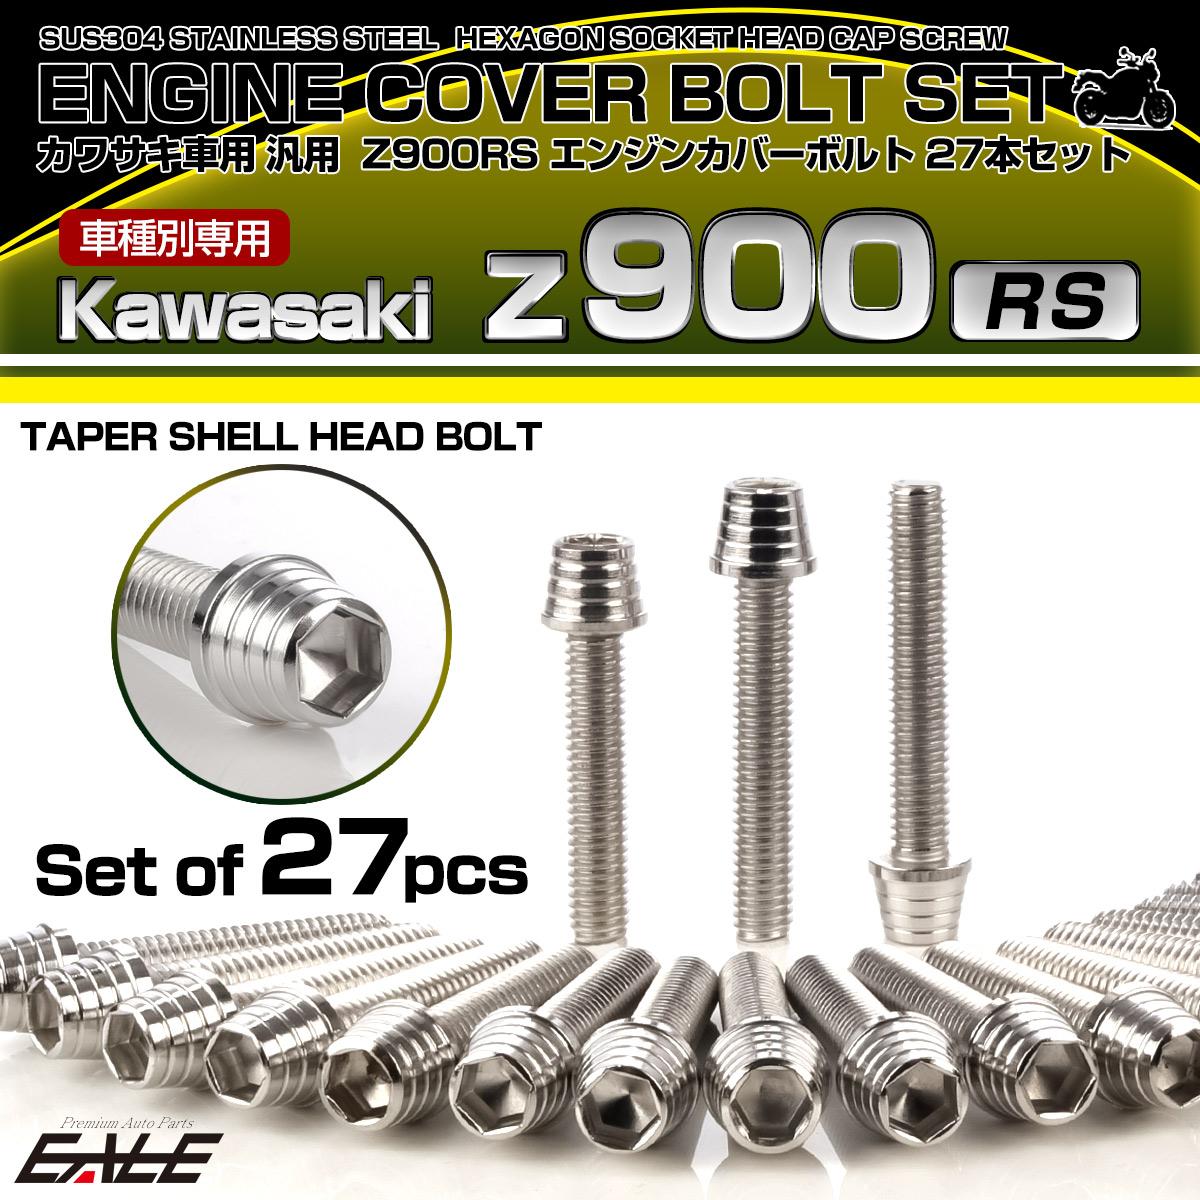 Z900RS エンジンカバーボルト 27本セット カワサキ車用 テーパーシェルヘッド シルバー TB8170